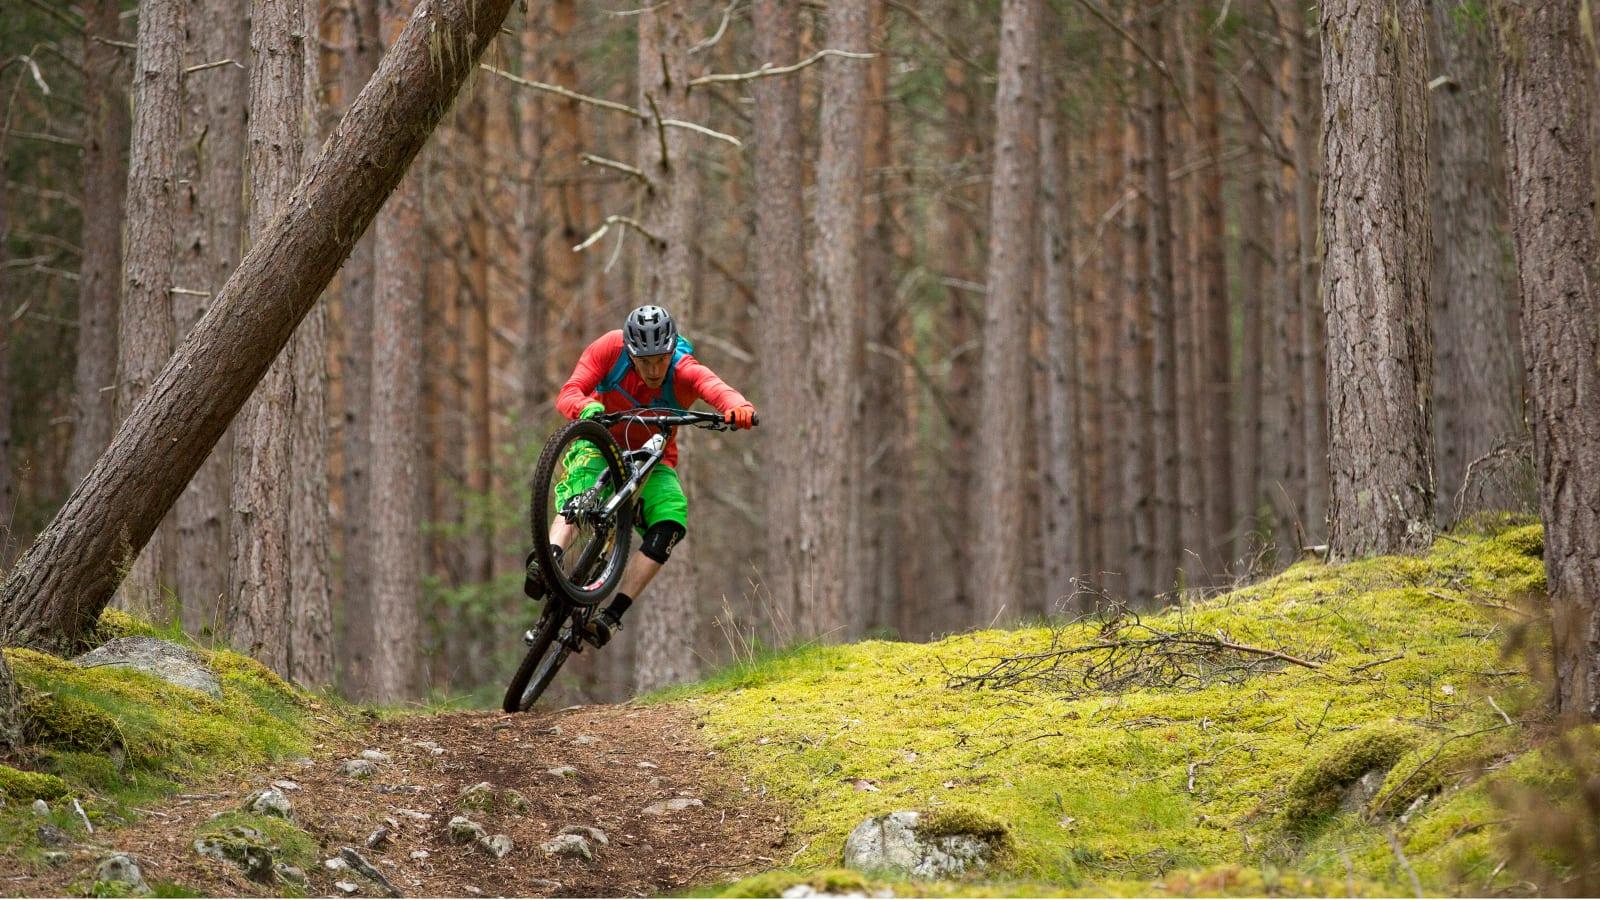 Whistler mountain biking wallpaper